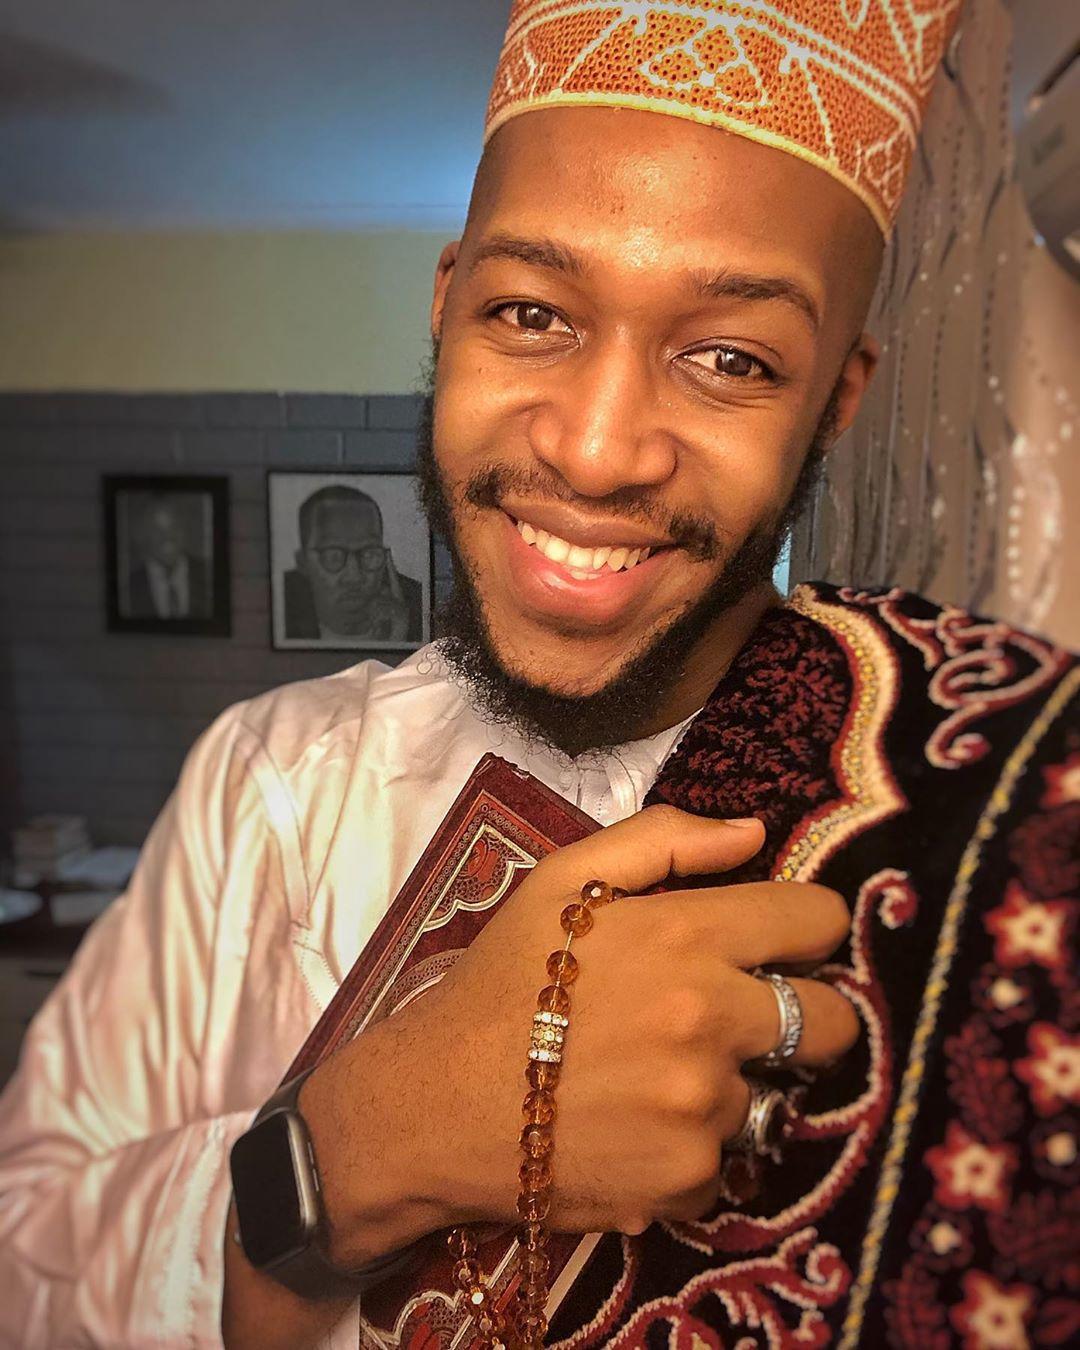 Idris Sultan